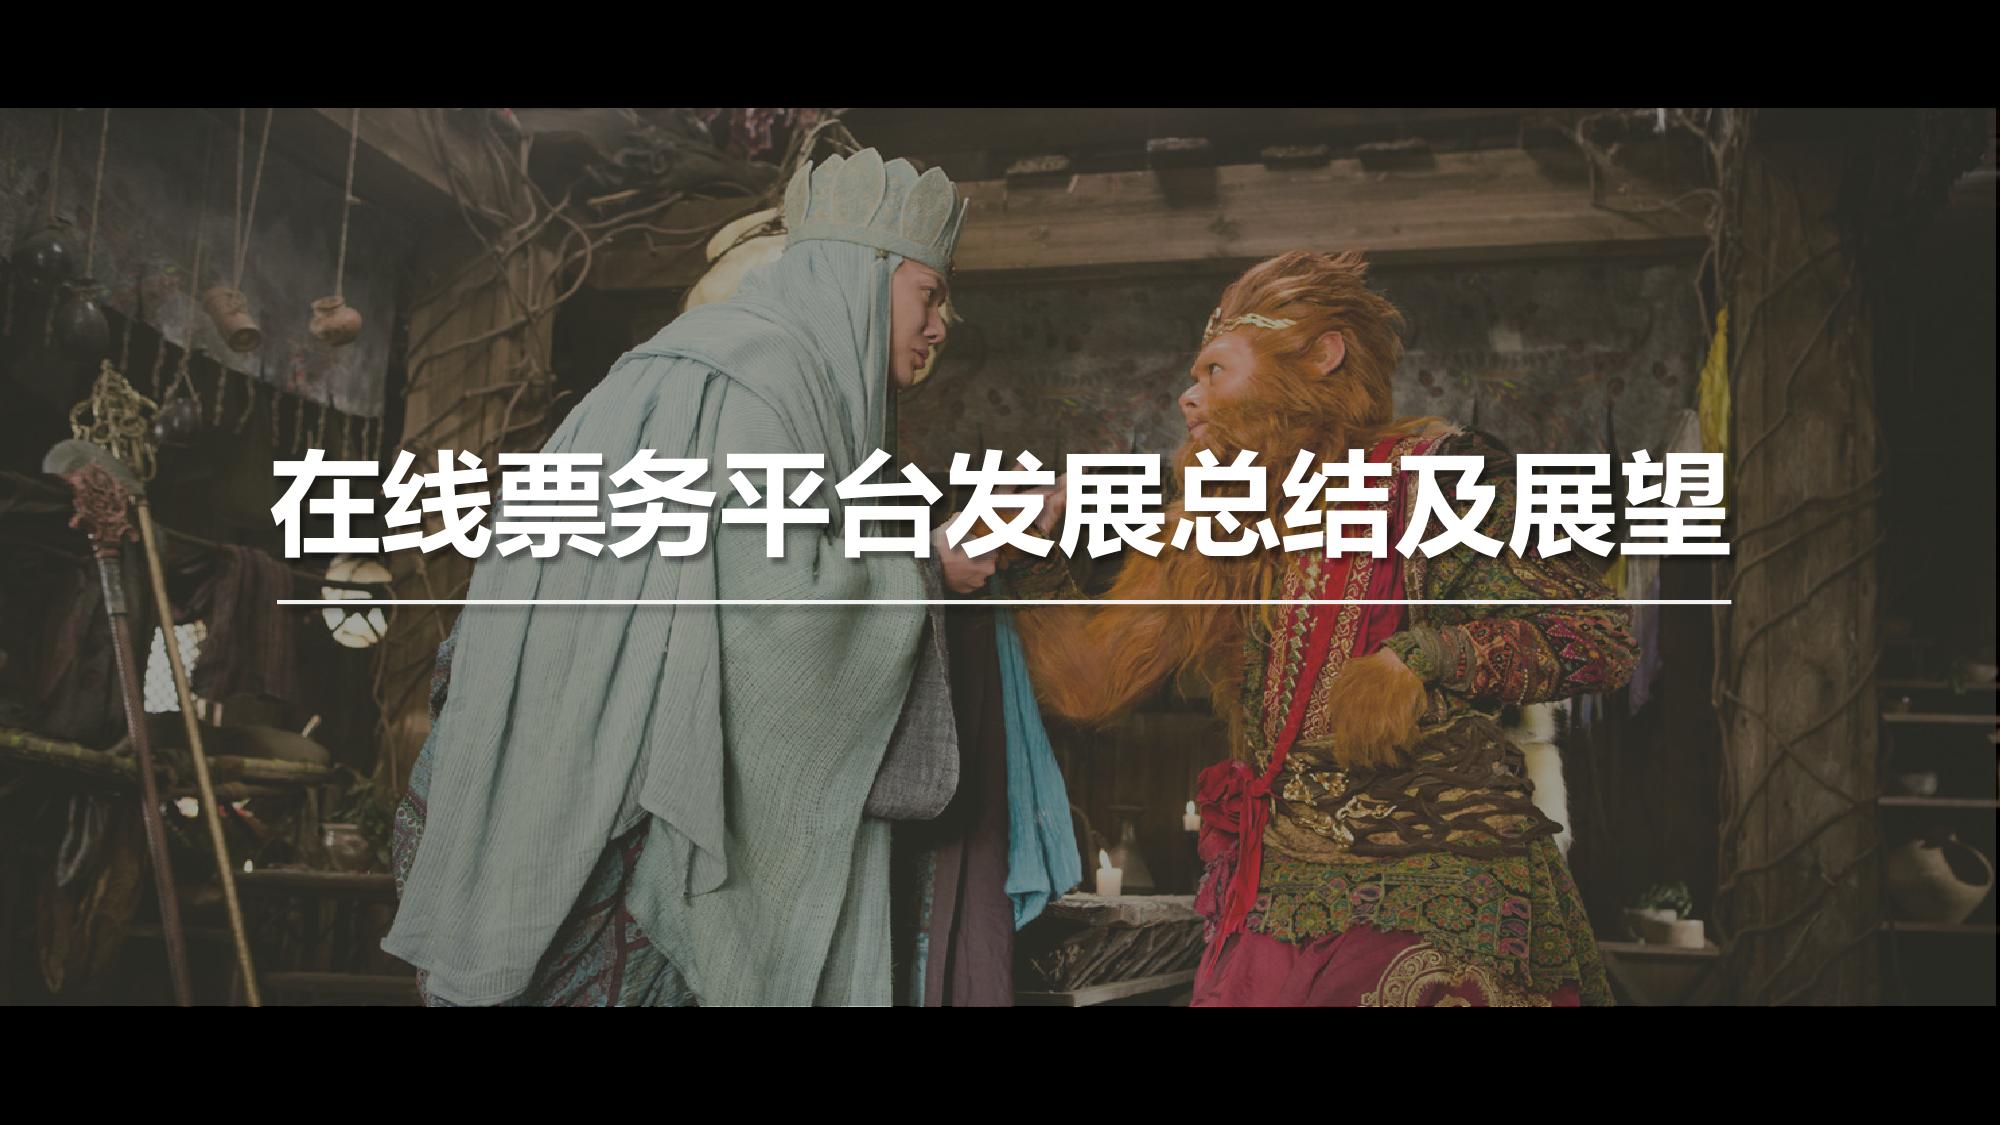 2016上半年中国在线票务平台大数据报告_000031